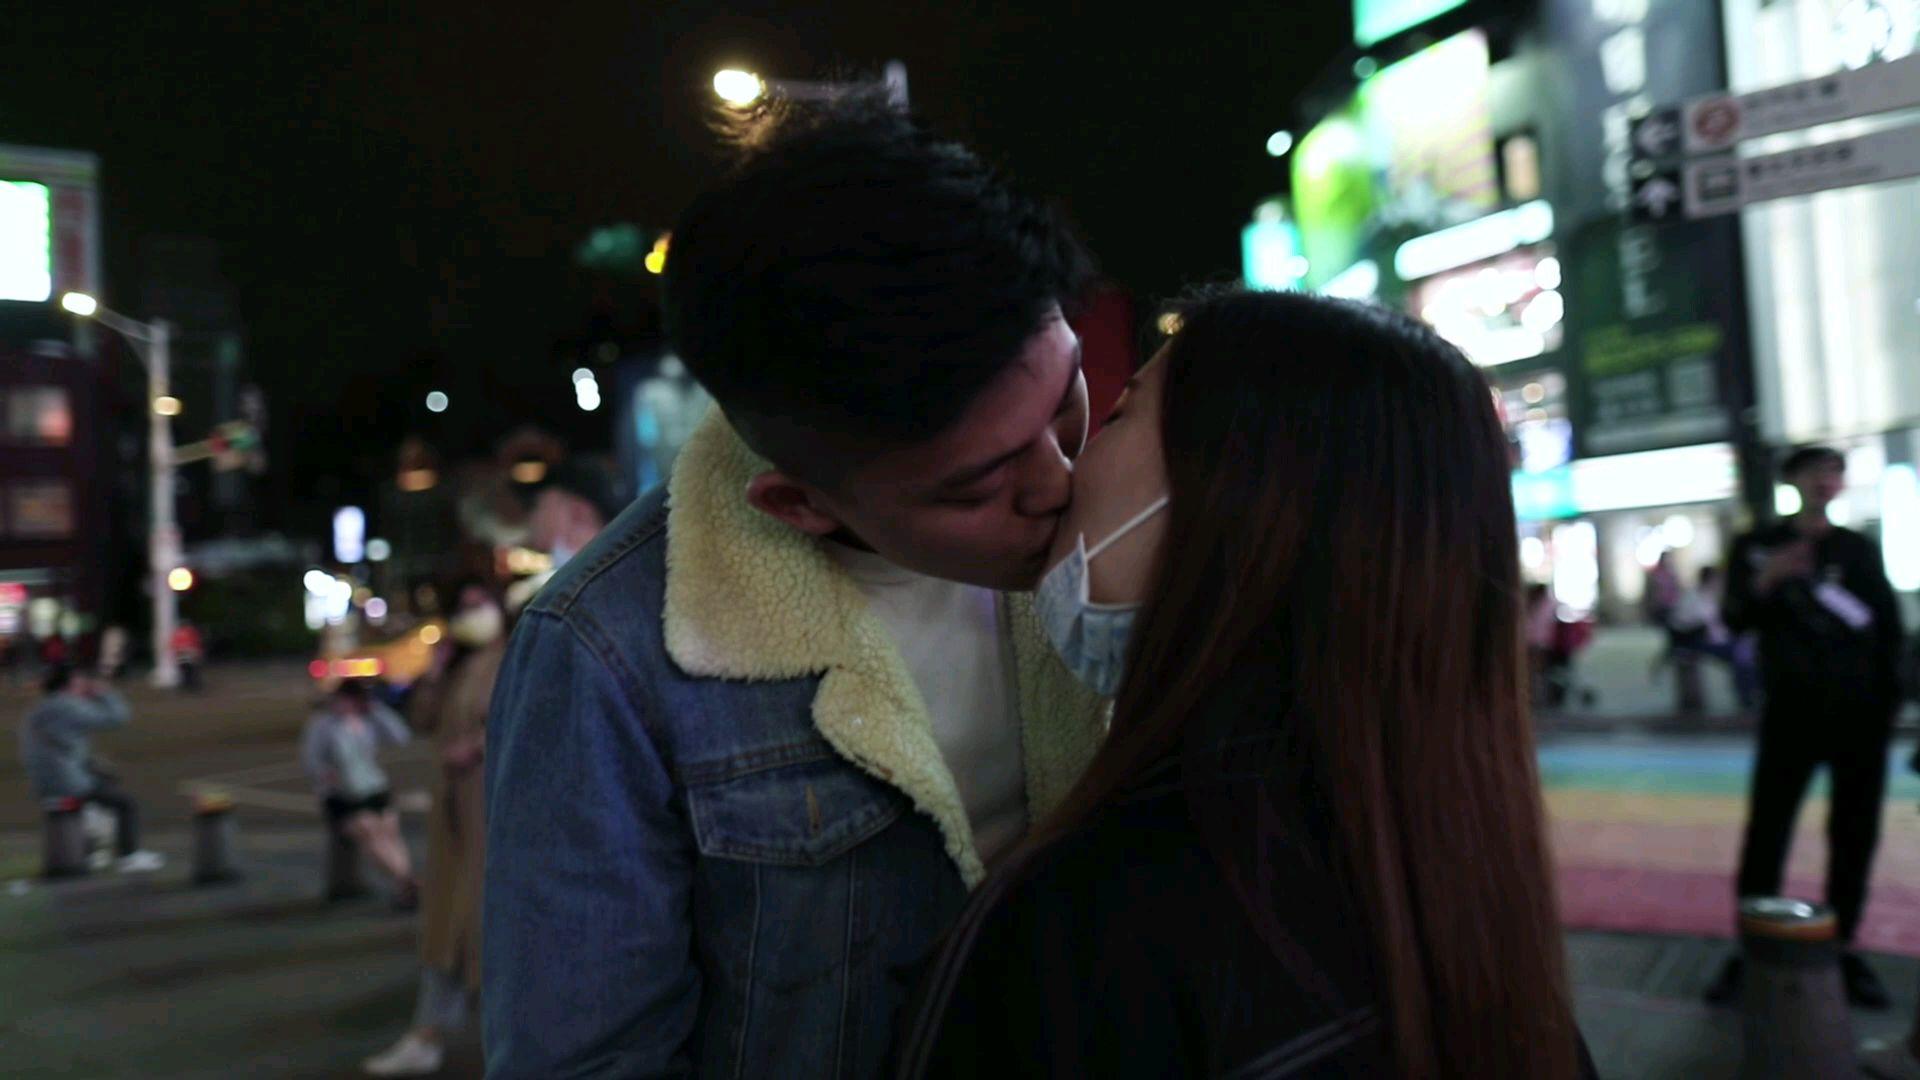 【幸福制造机】因为男生长相帅在一起,舌吻15秒很深情